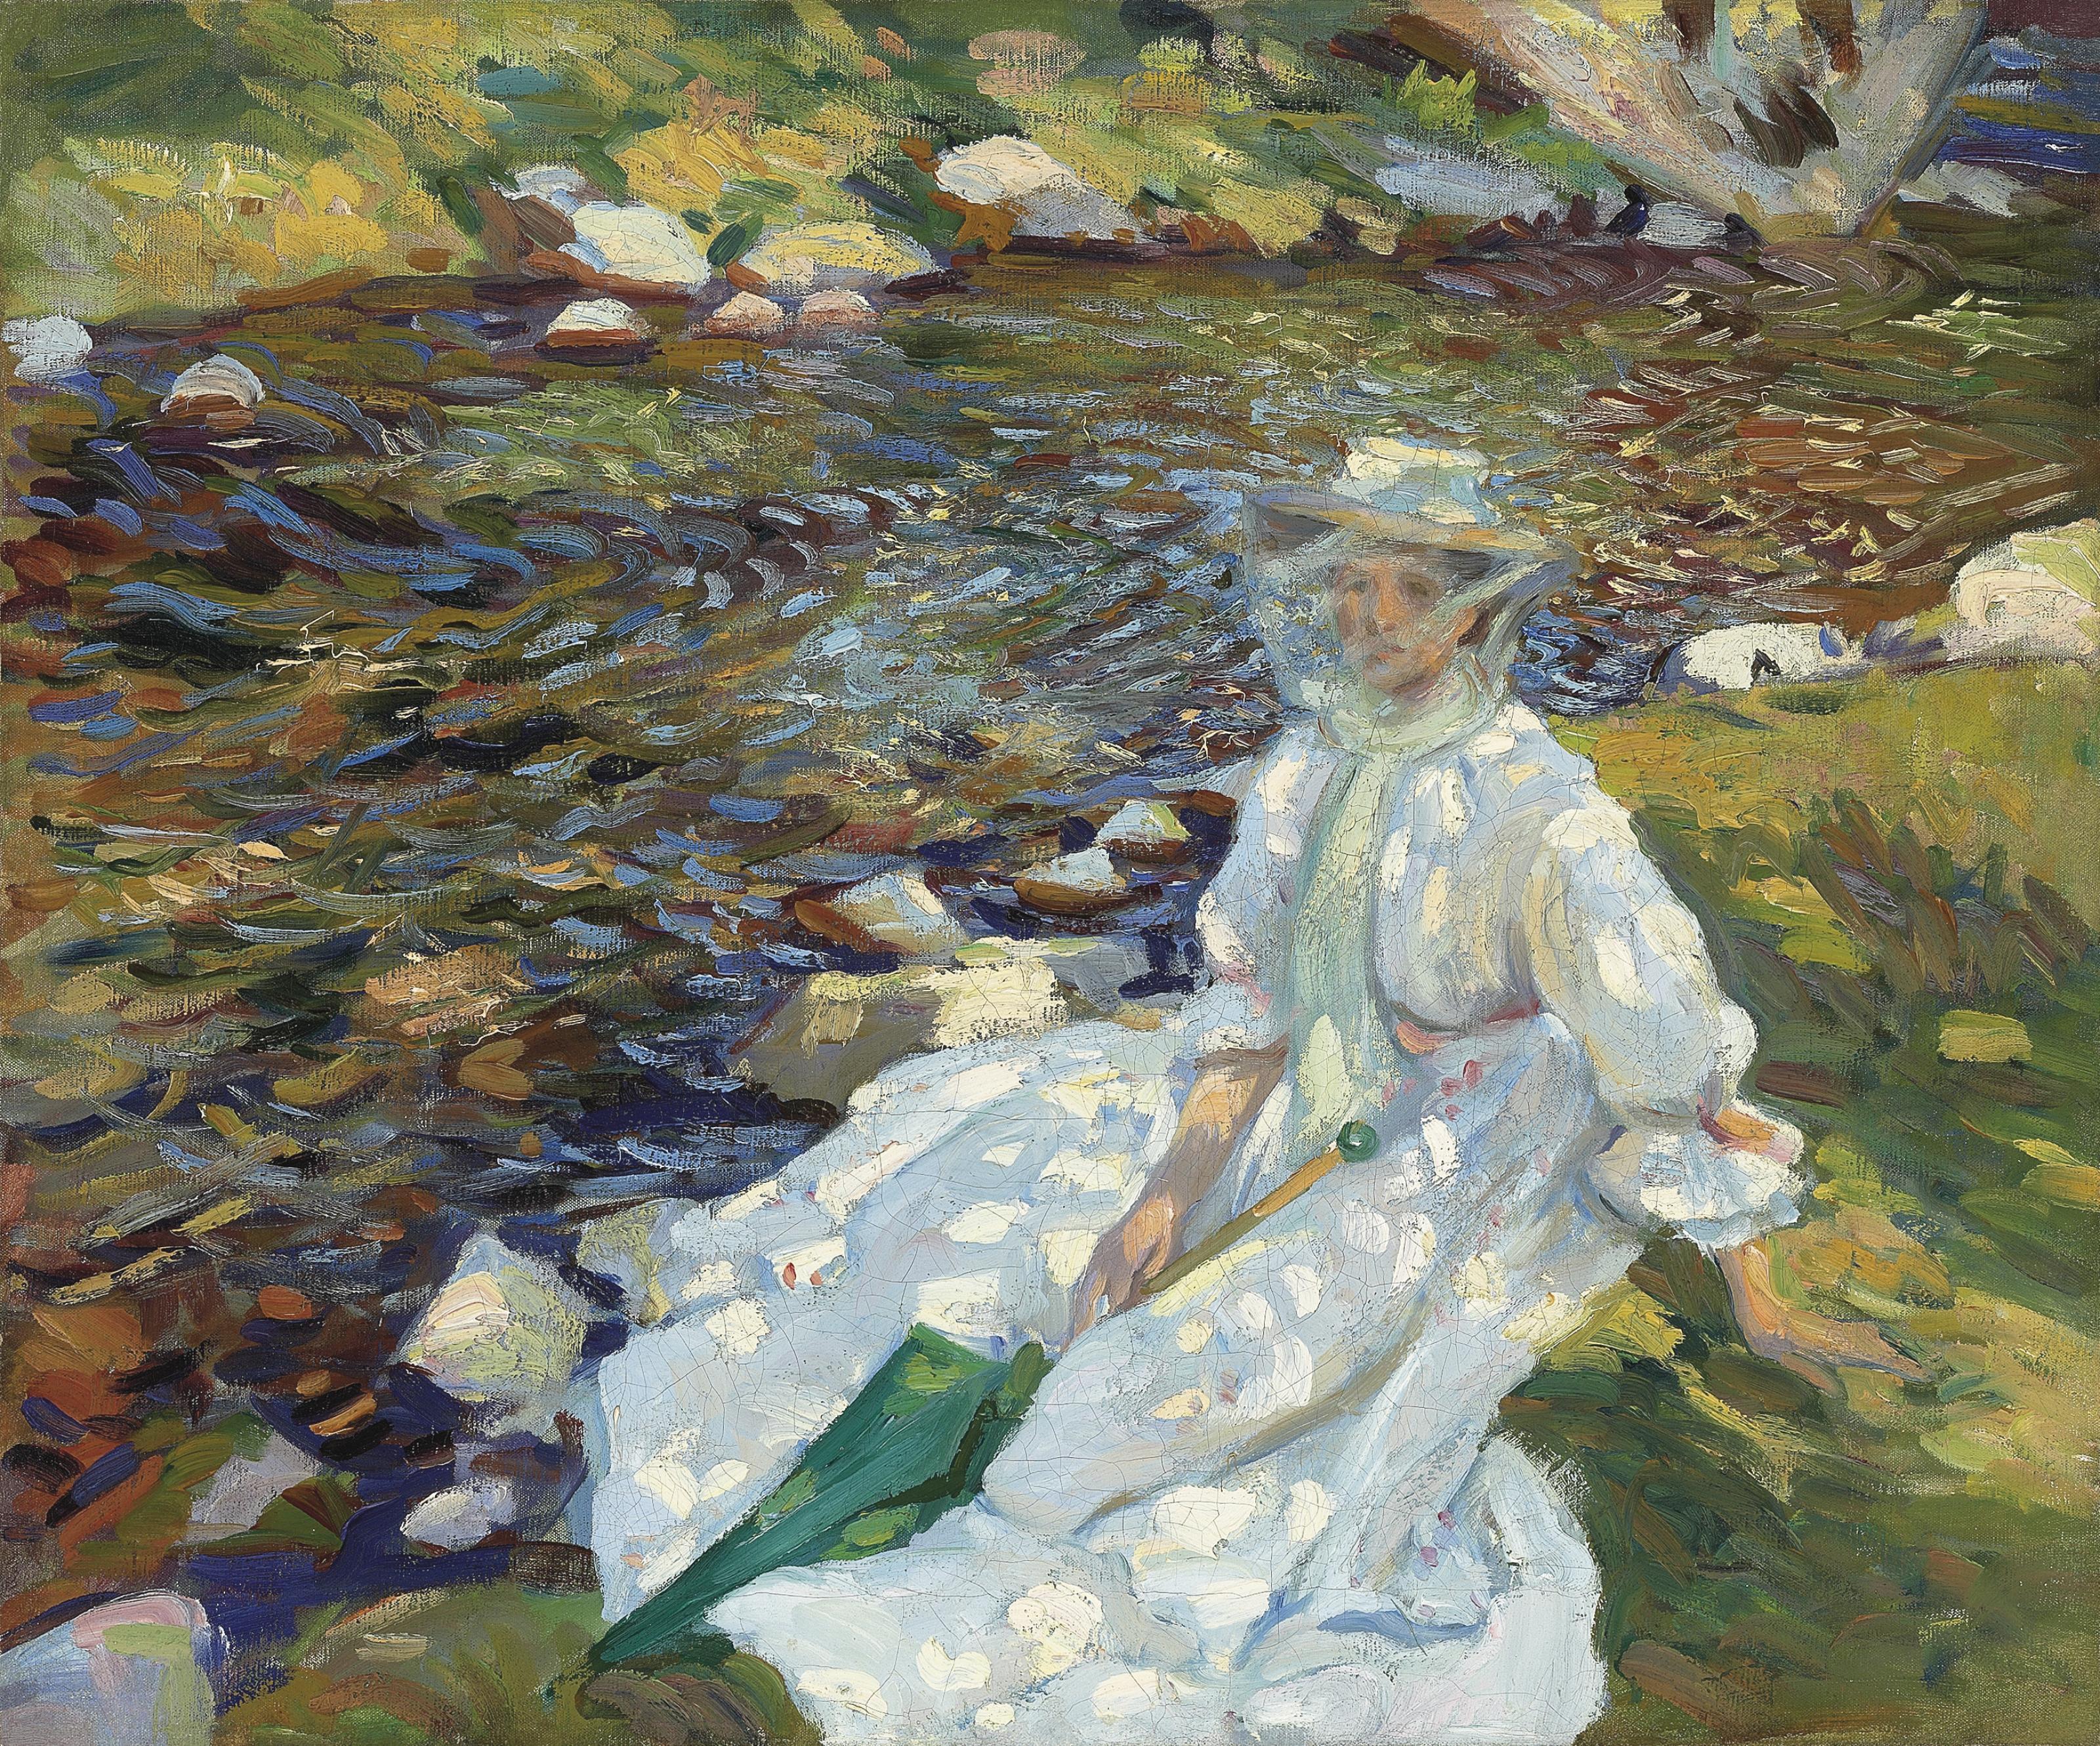 Jane Emmet de Glehn by a stream, Val d'Aosta